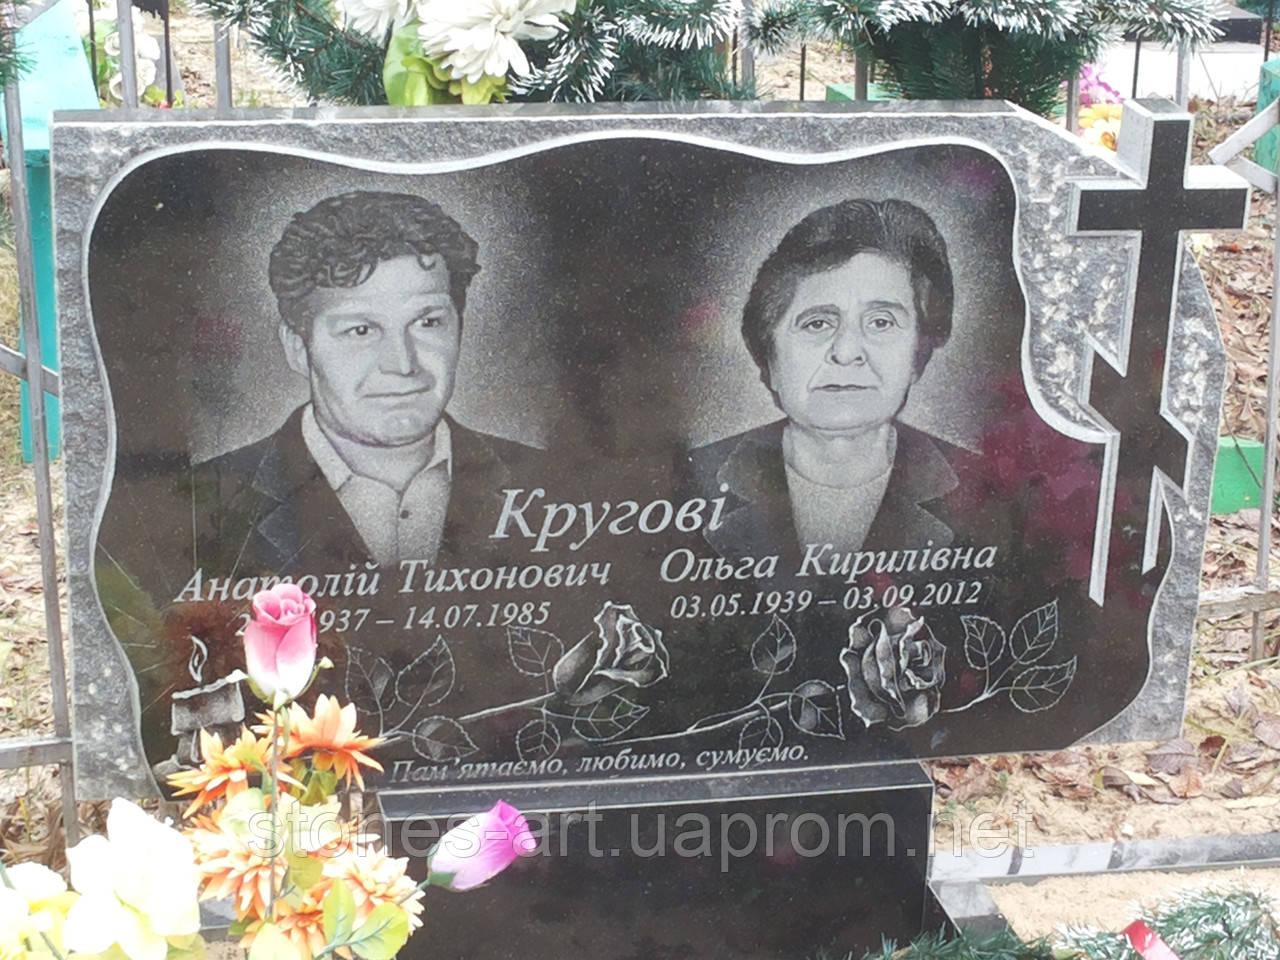 Памятник гранитный двойной, горизонтальный. Заказать ритуальный памятник на кладбище. Установка, гарантия